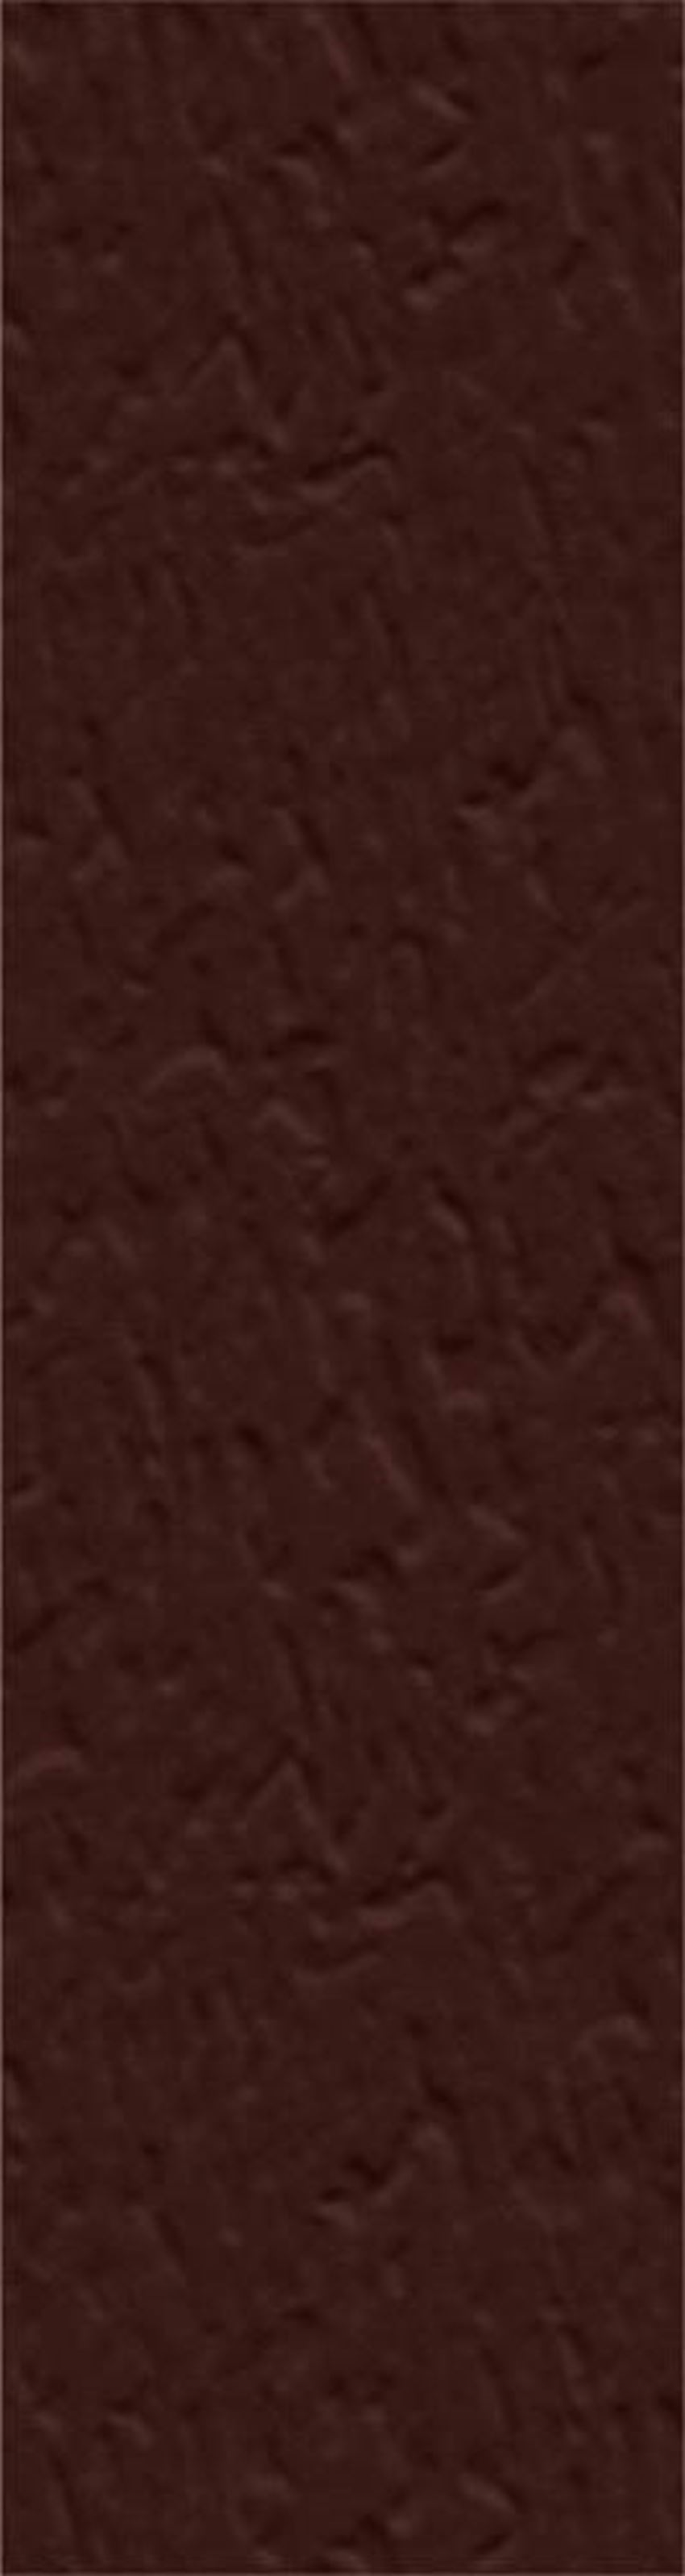 Płytka elewacyjna 6,58x24,5 cm Paradyż Natural Brown Elewacja Duro